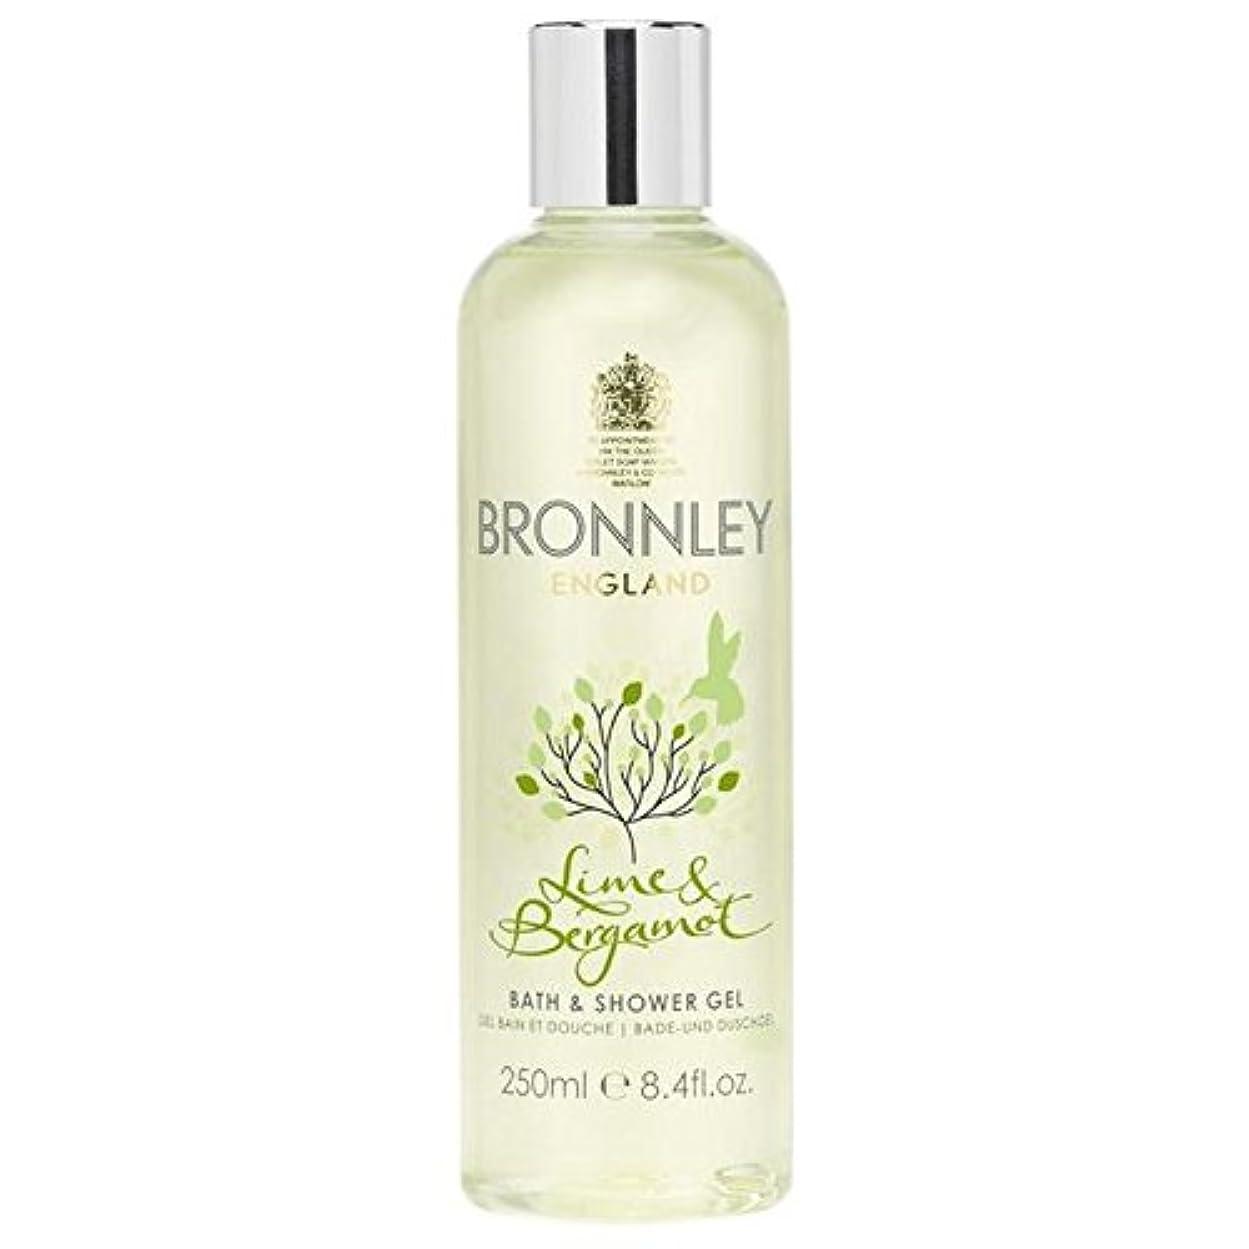 エクステントペストリーエコーBronnley Lime & Bergamot Bath & Shower Gel 250ml - ライム&ベルガモットバス&シャワージェル250ミリリットル [並行輸入品]